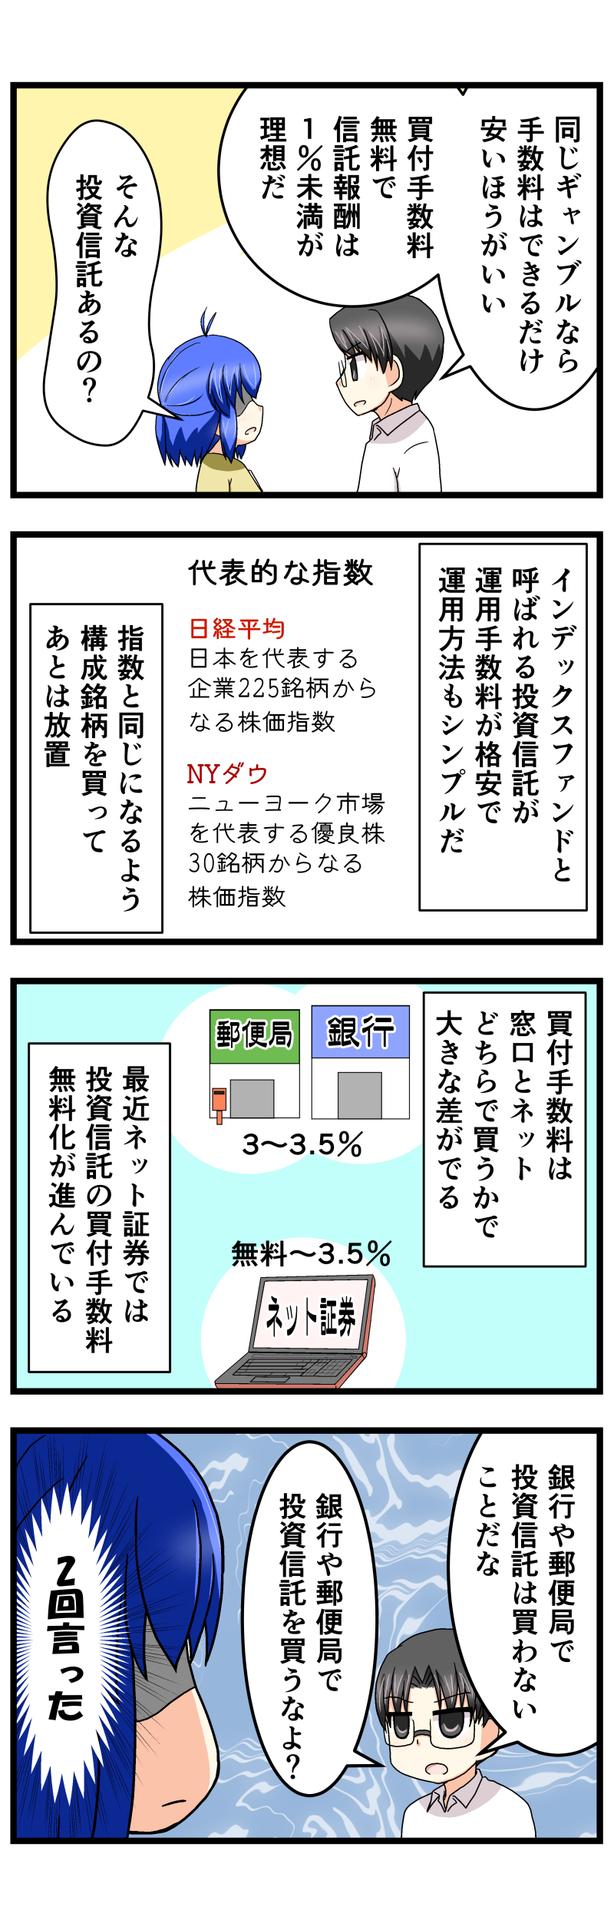 萌える株セミナー98.jpg